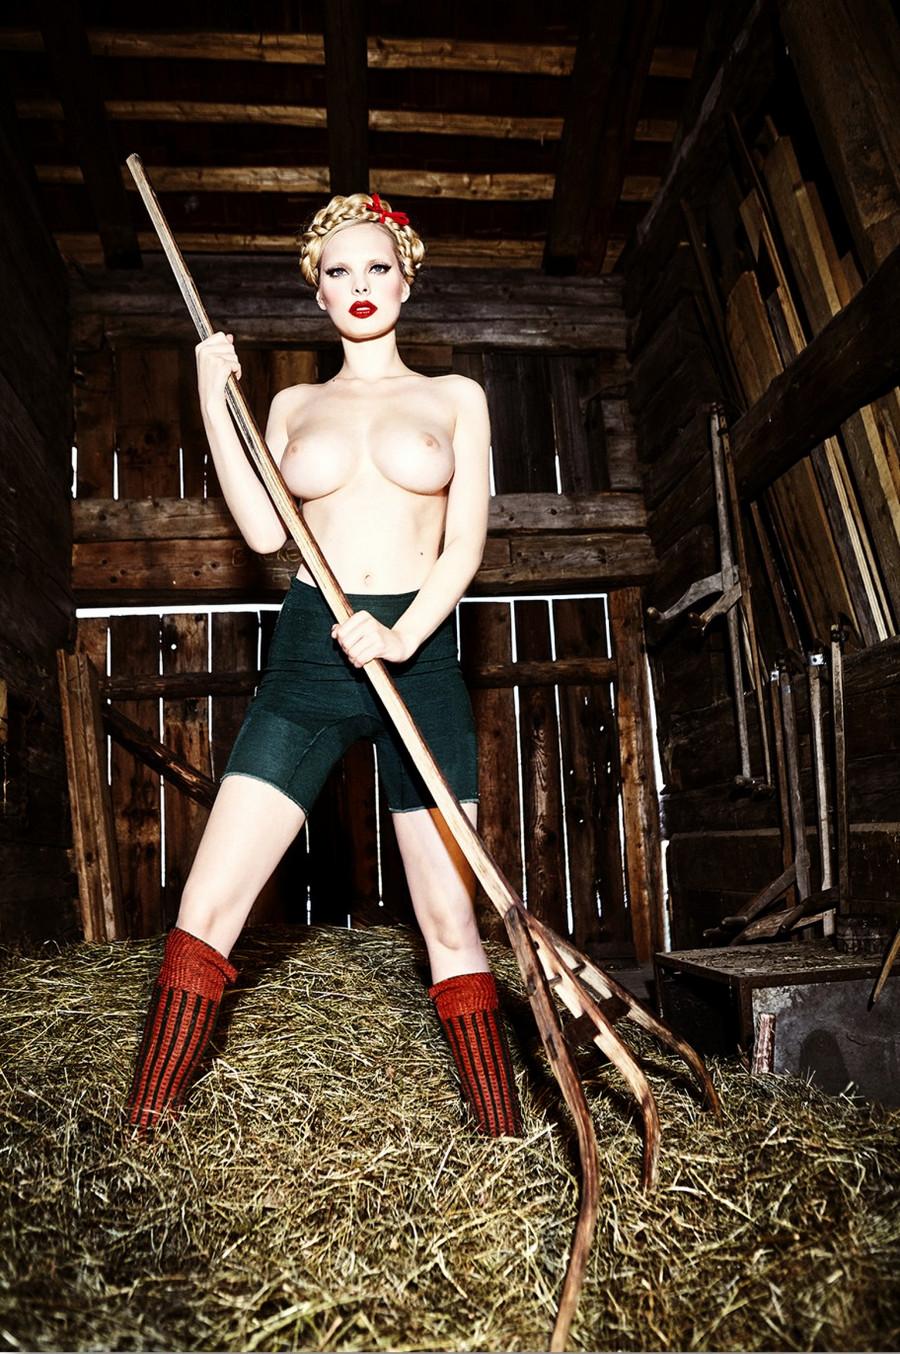 Баварские фантазии в эротических фотографиях Эллен фон Унверт 10